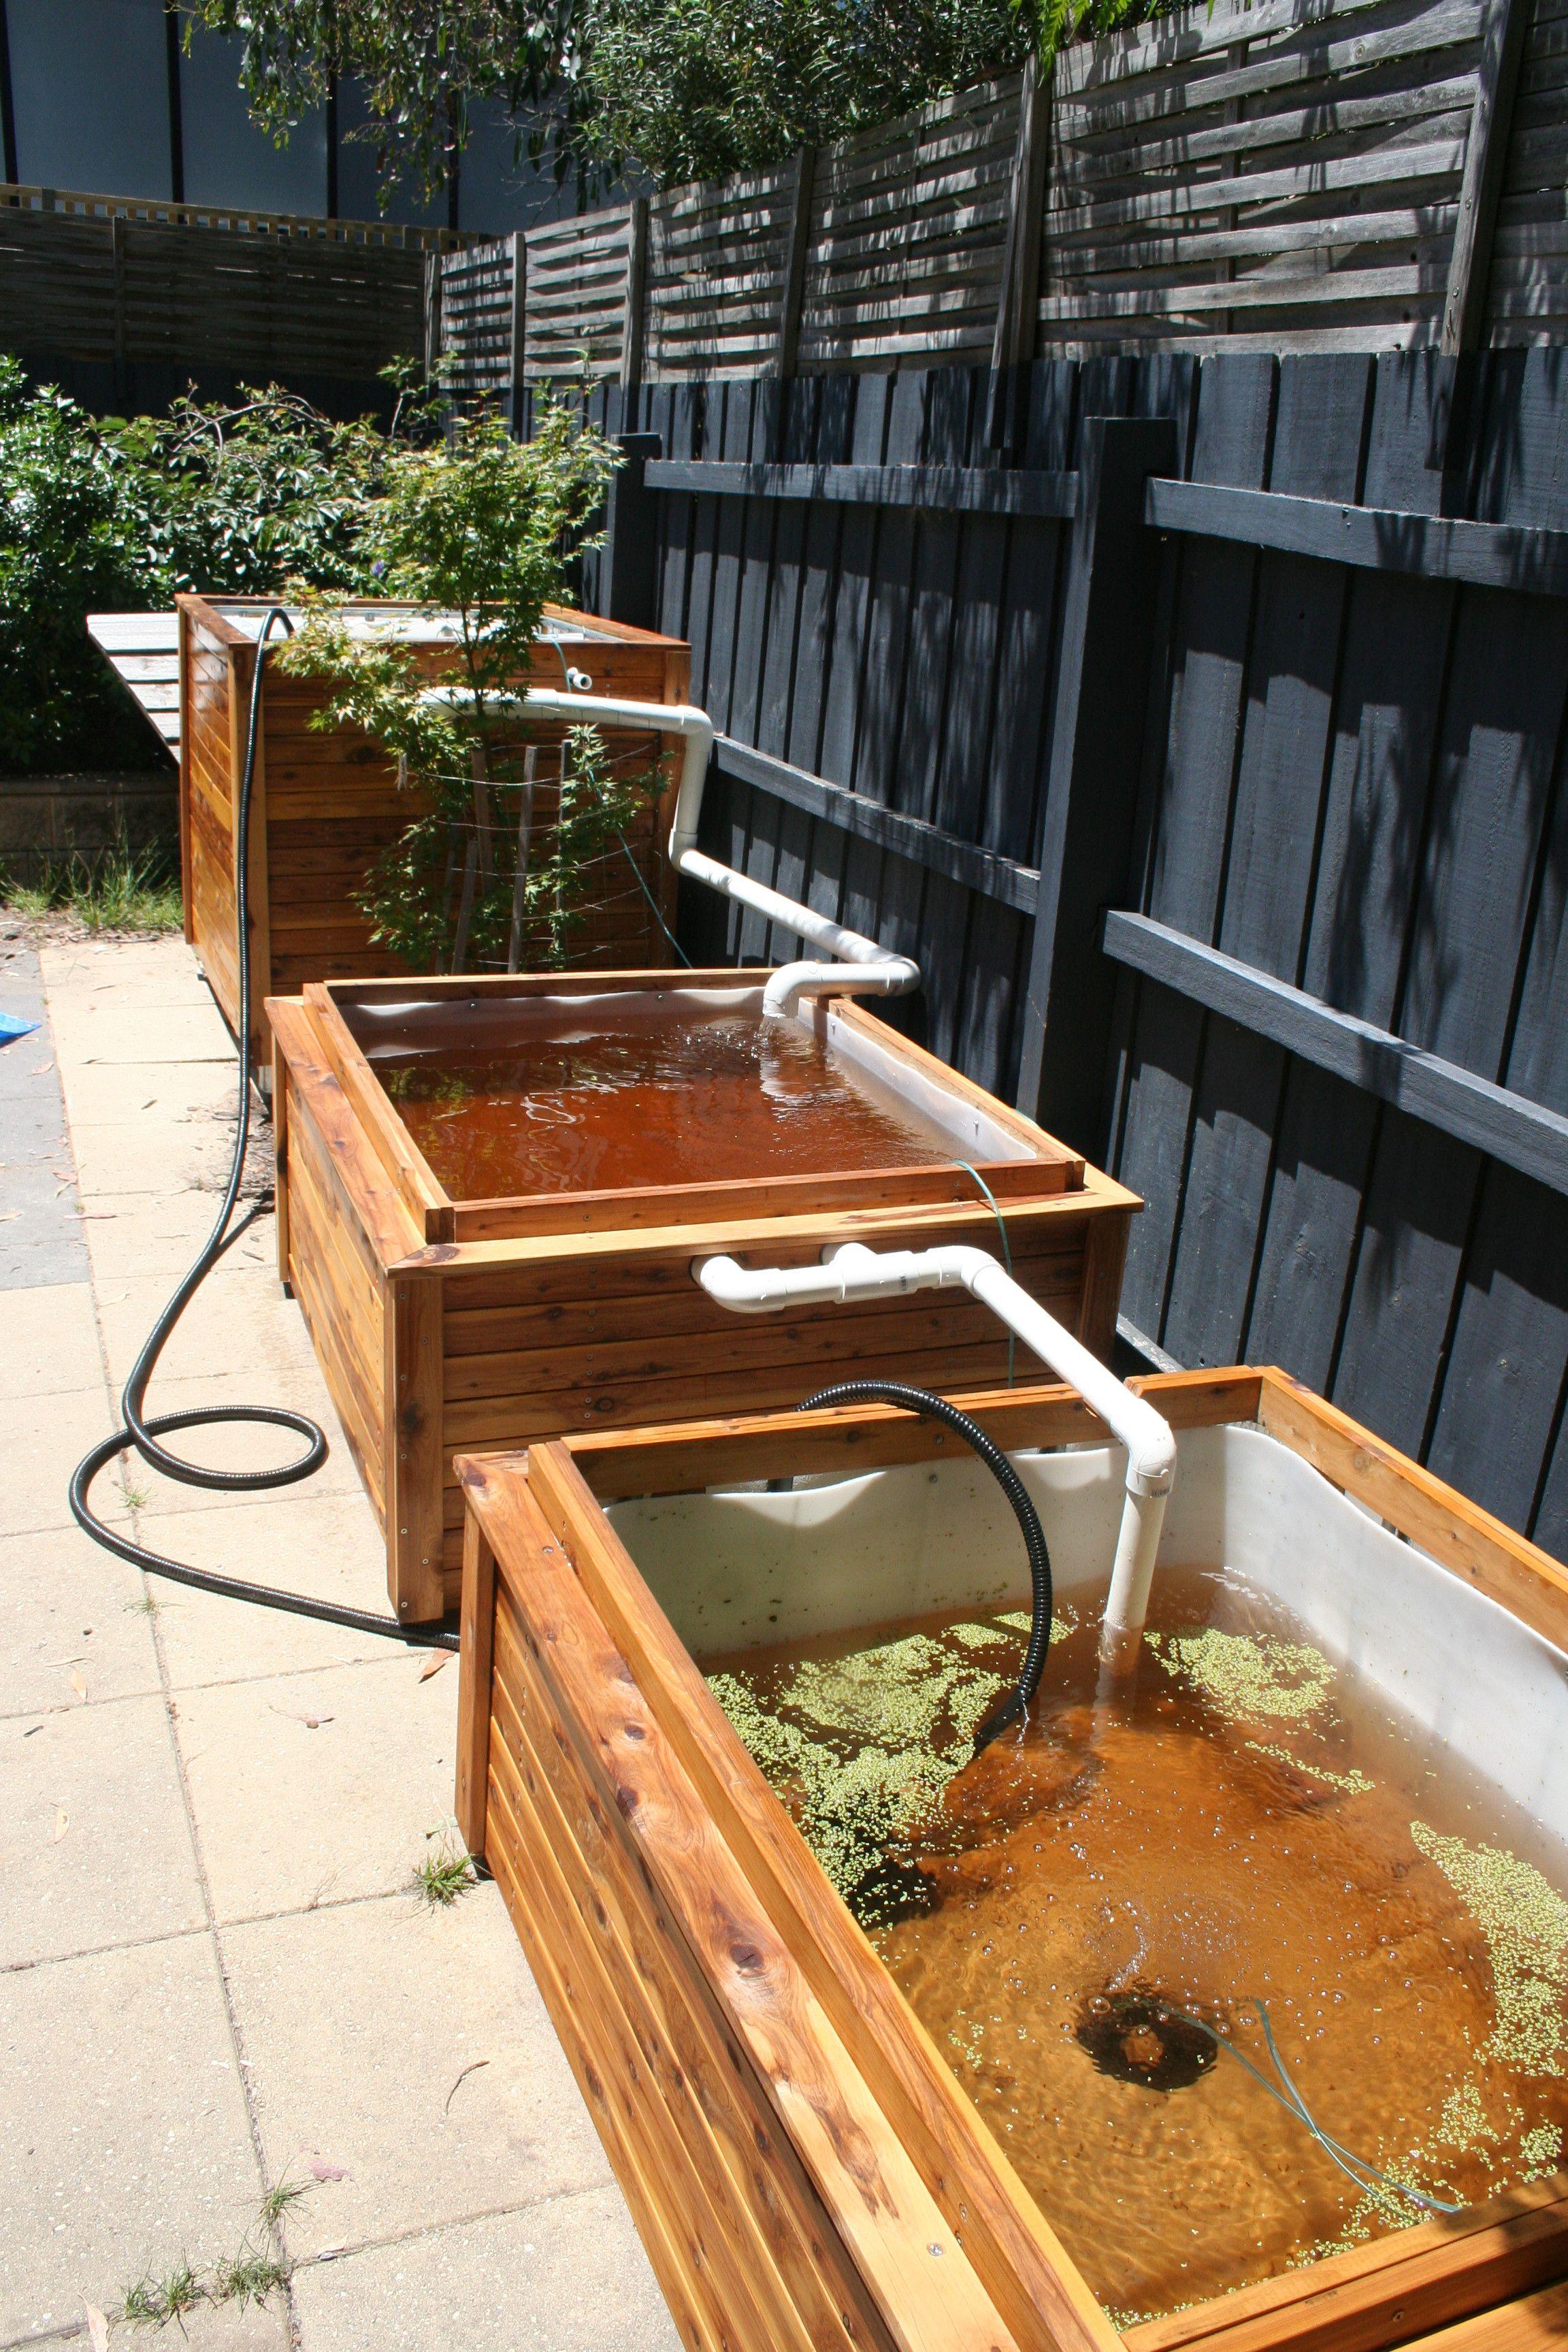 Aquaponics project build part 1 backyard aquaponics